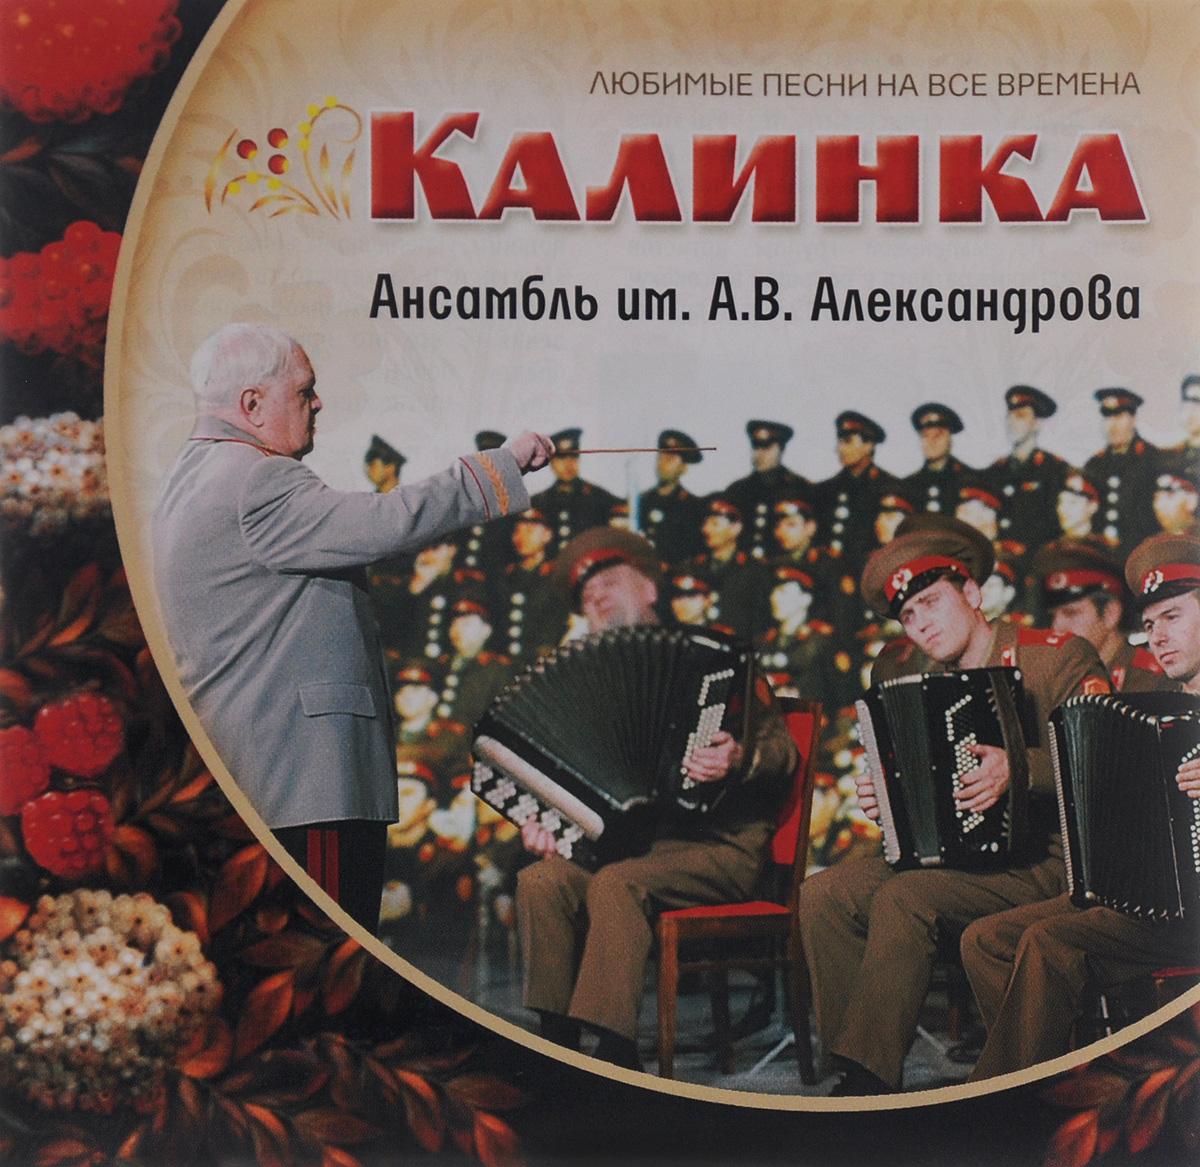 Ансамбль им. А. В. Александрова. Калинка